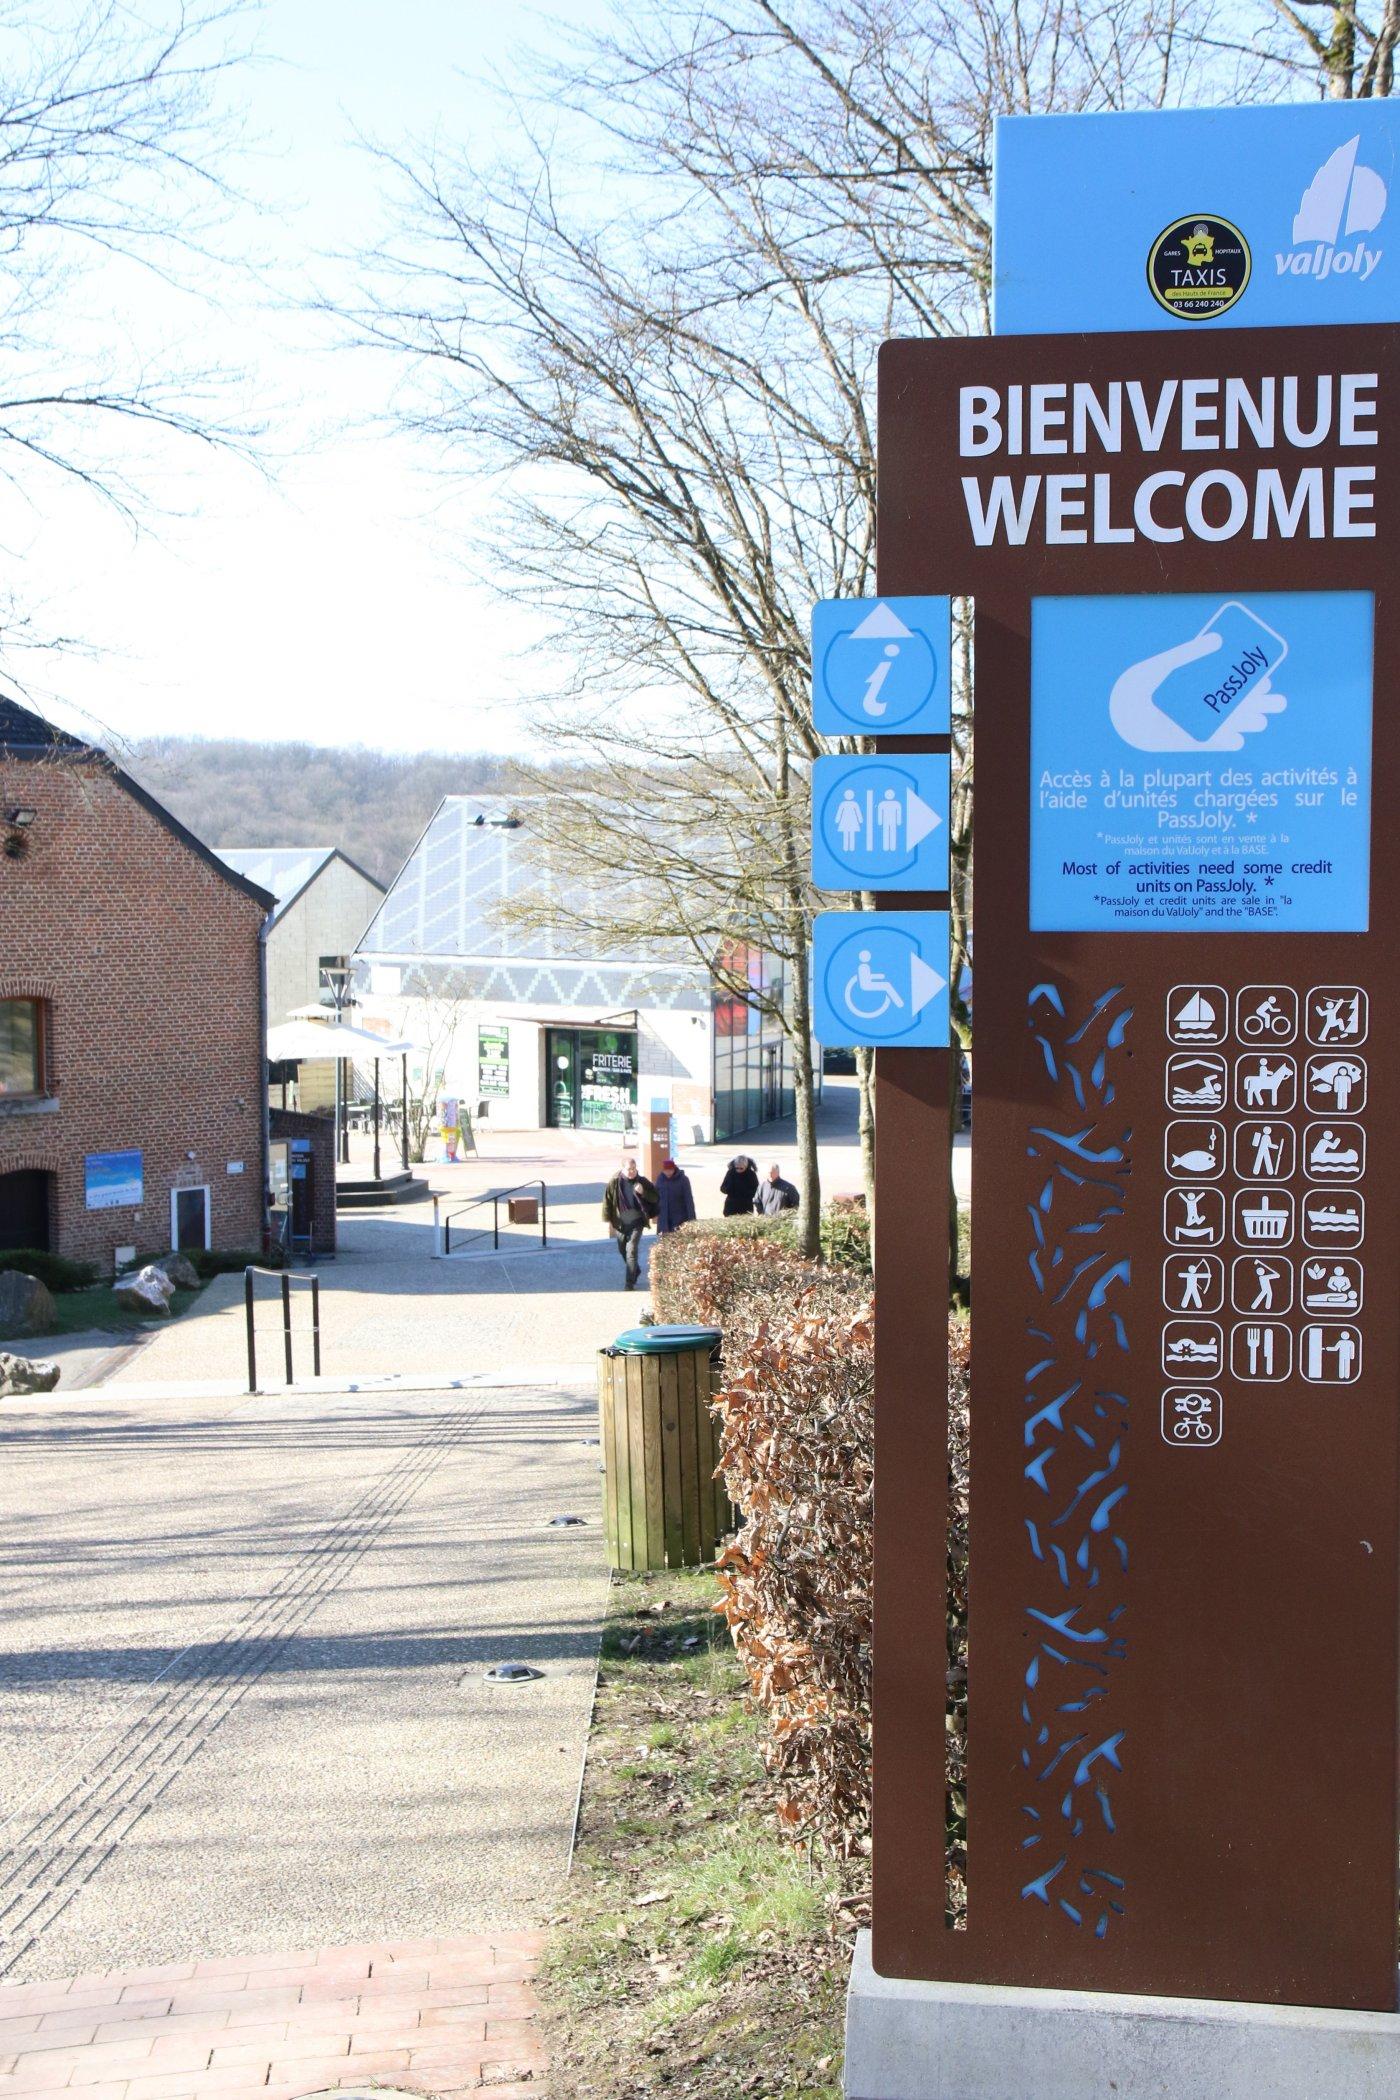 creee-2008-station-touristique-du-valjoly-est-est-lieu-de-sejour-ideal-pour-ressourcer-famille-entre-amis-entre-collegues